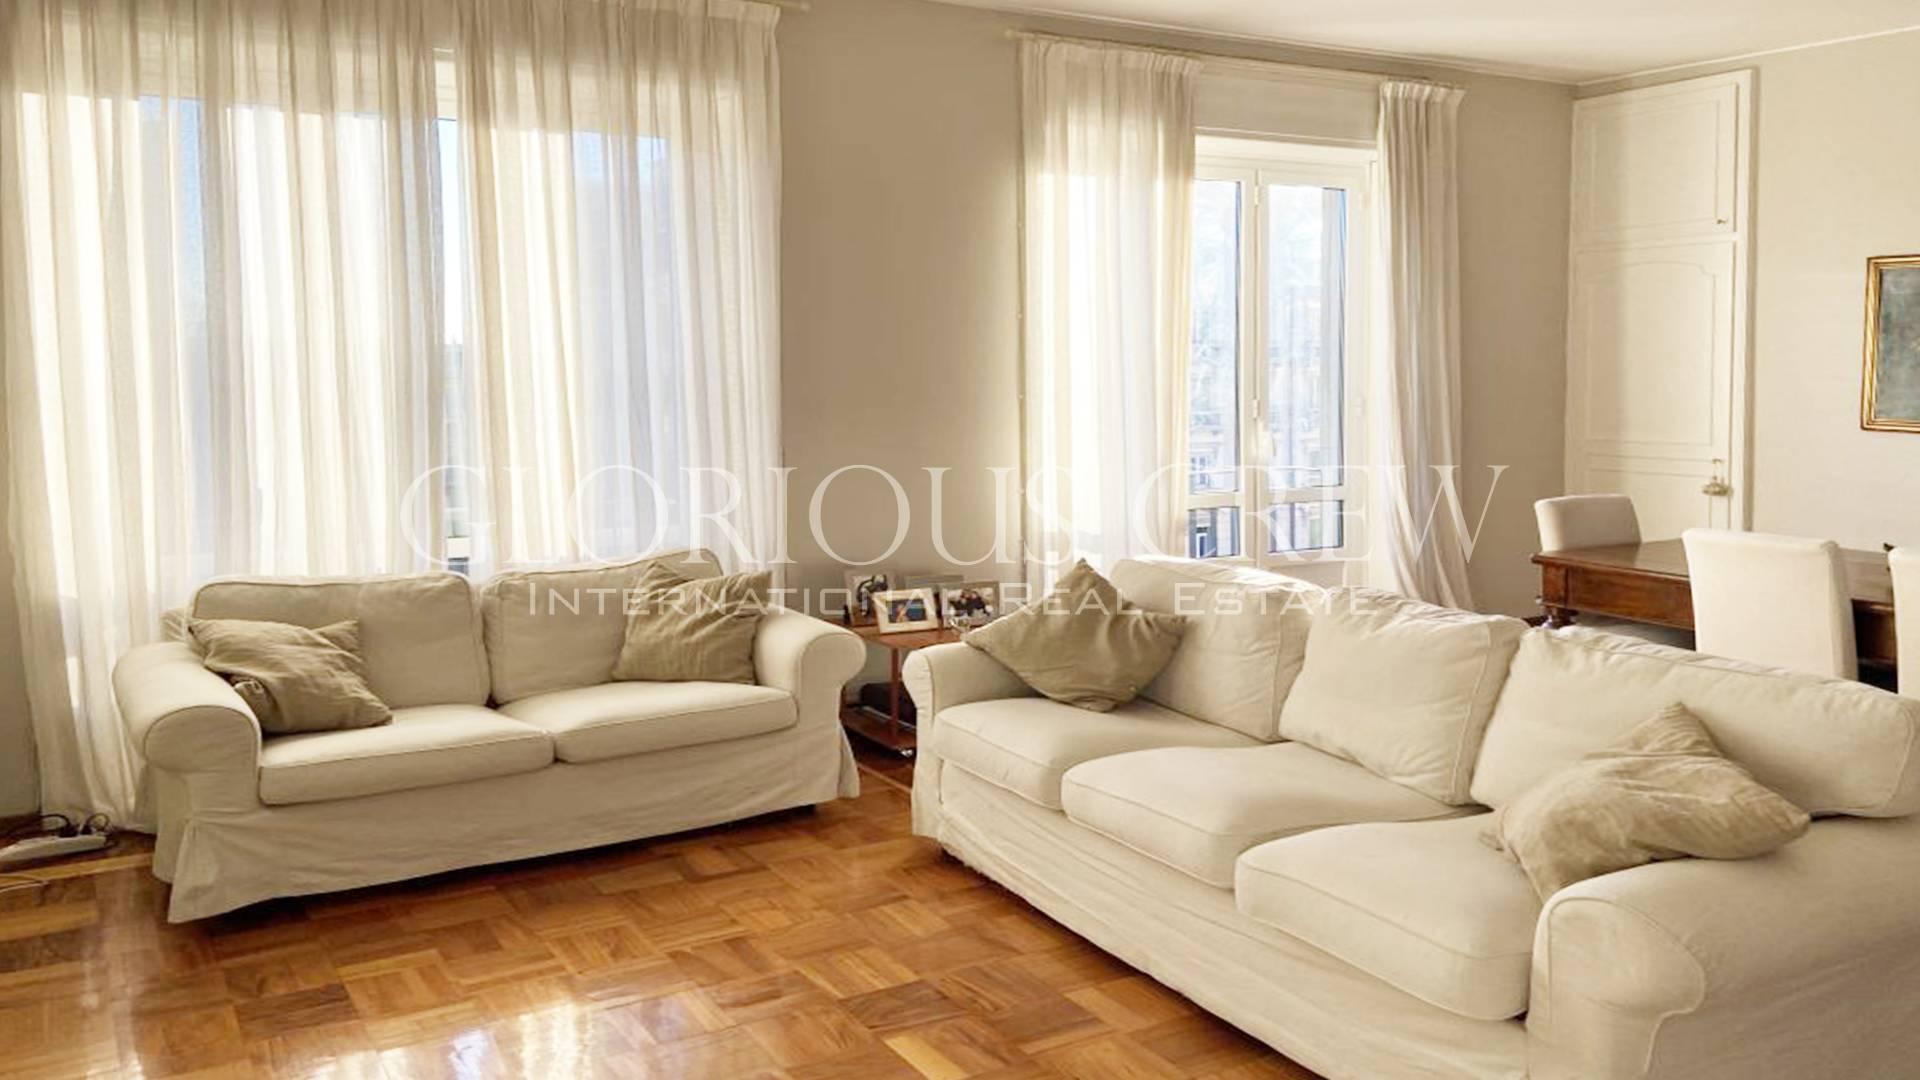 Appartamento in Affitto a Milano:  4 locali, 155 mq  - Foto 1